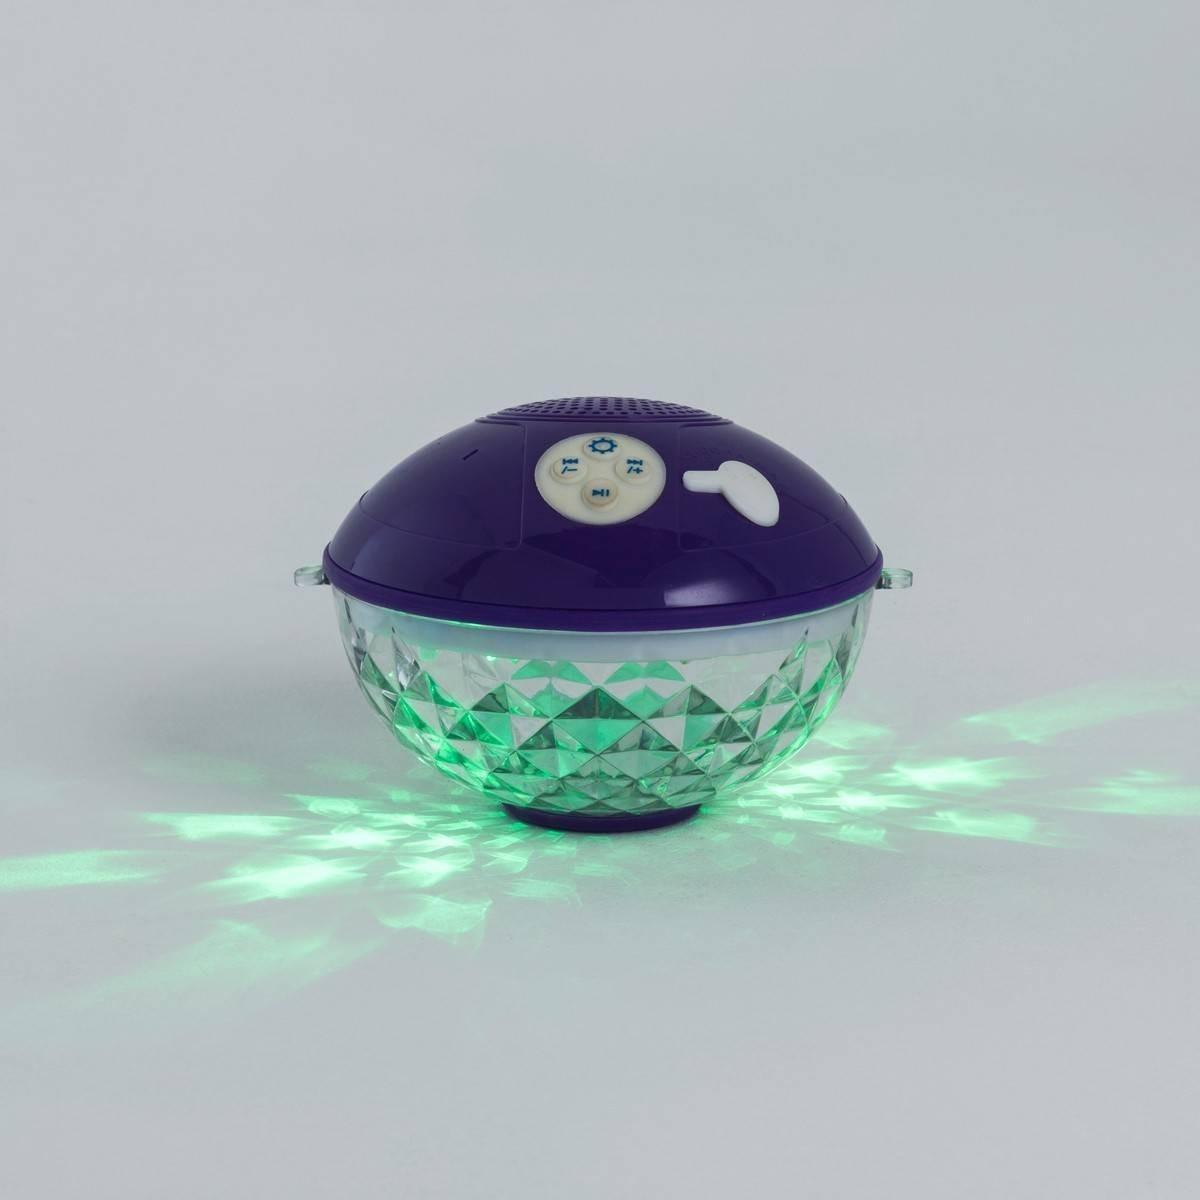 Lampe De Piscine Disco Sans Fil - Enceinte Et Changement De ... dedans Eclairage Piscine Sans Fil